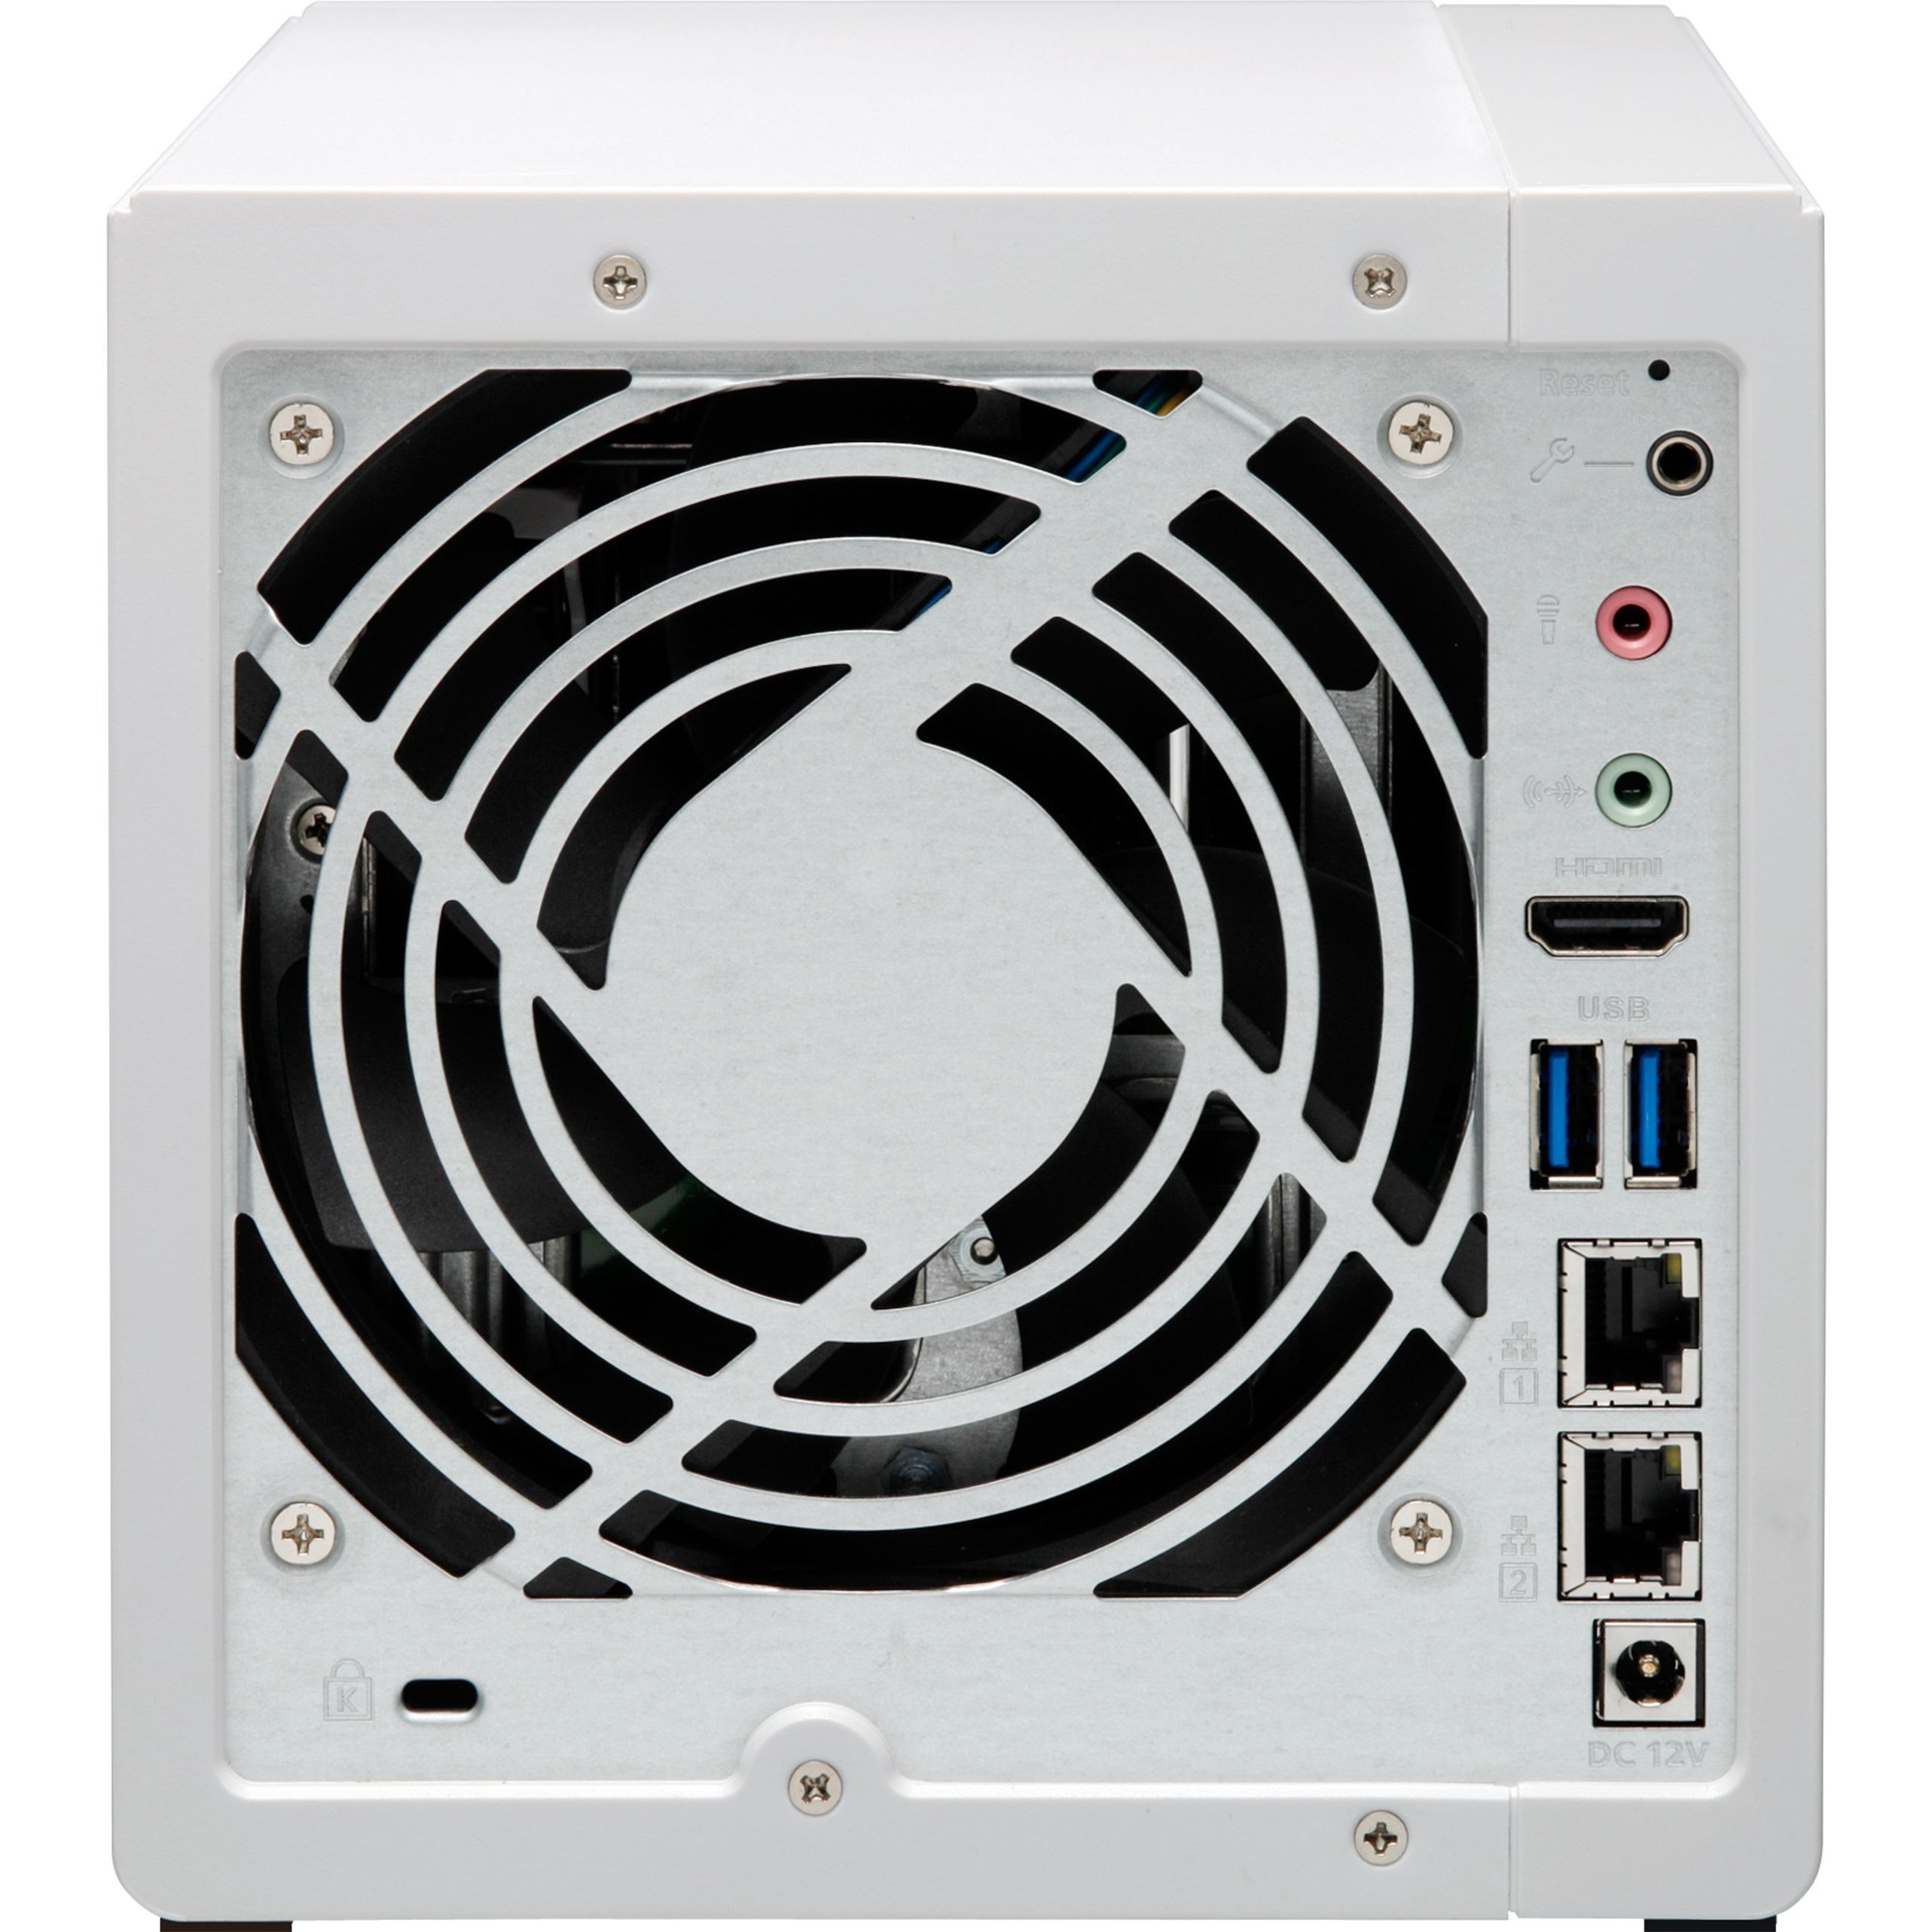 QNAP Turbo NAS TS-451A 4 x Total Bays SAN/NAS Storage System - Desktop - Intel Celeron Dual-core